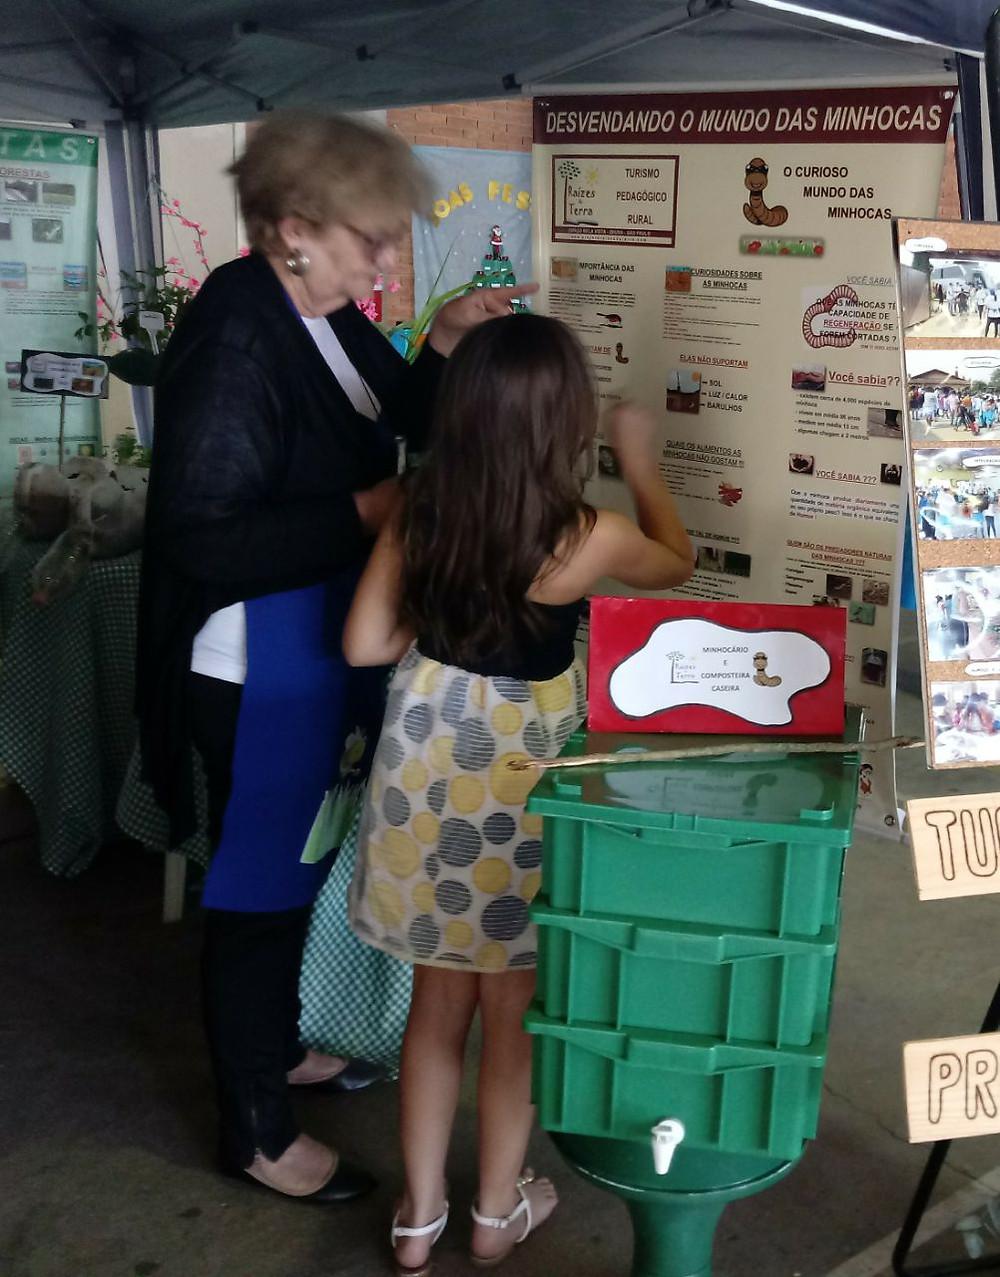 Ilda apresentando o mundo das minhocas para a pequena visitante interessada